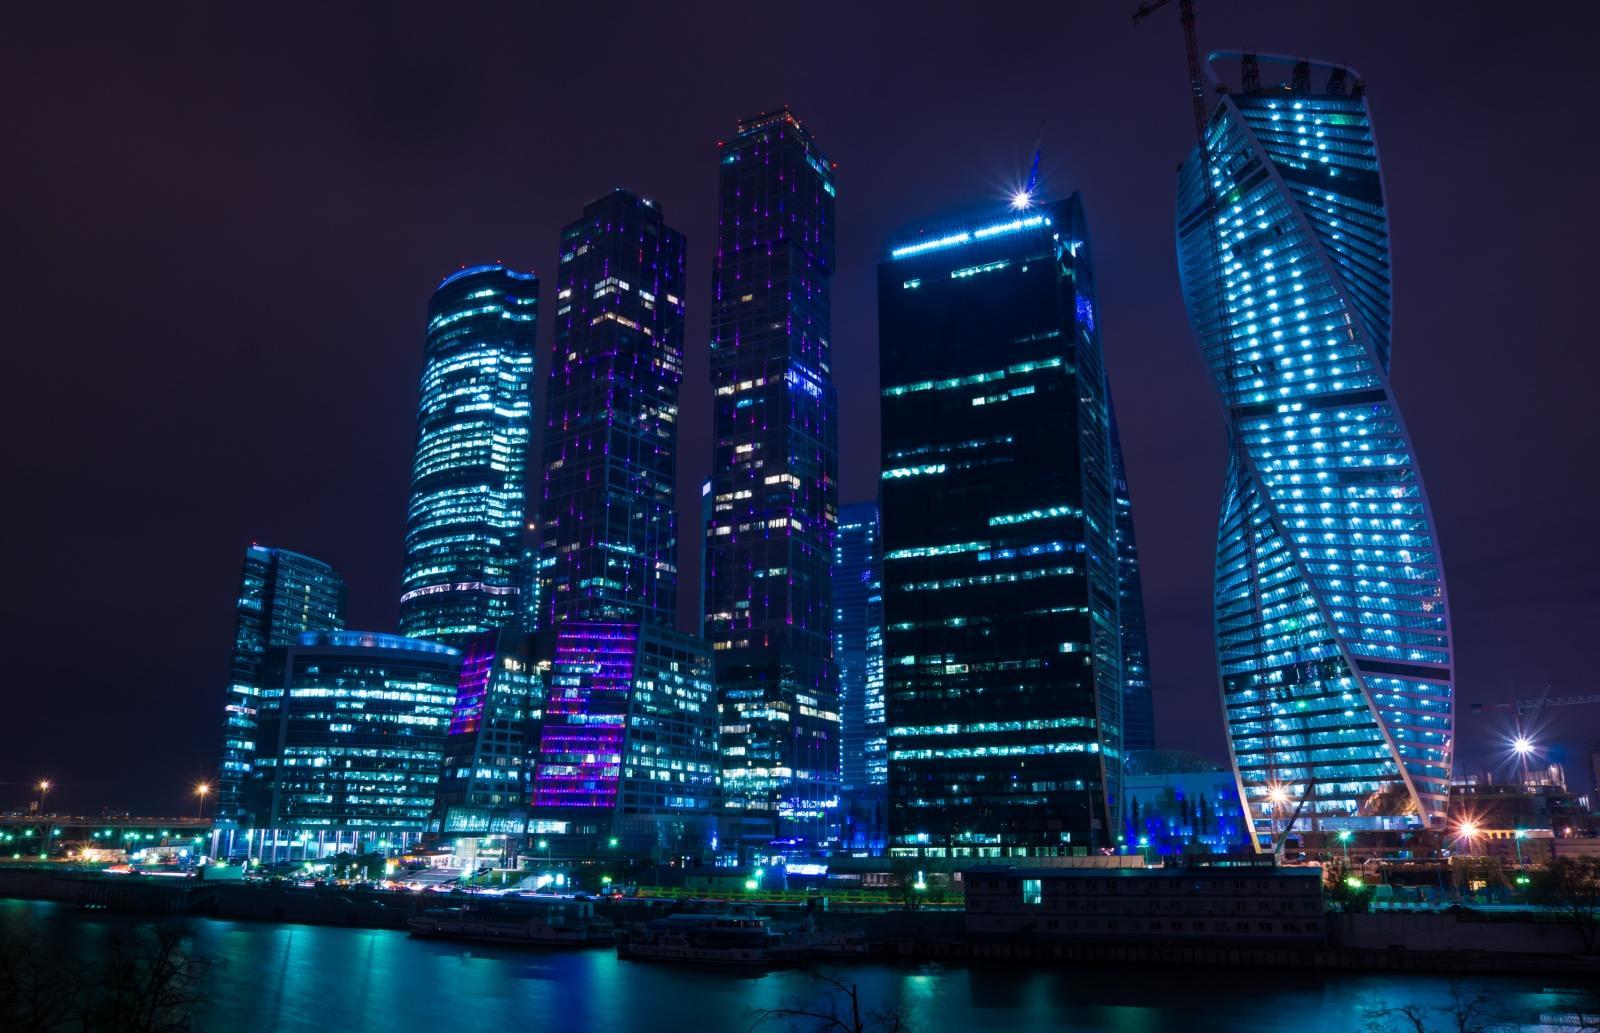 ВТБ профинансирует строительство первого в России цифрового небоскреба iCity - новости Афанасий